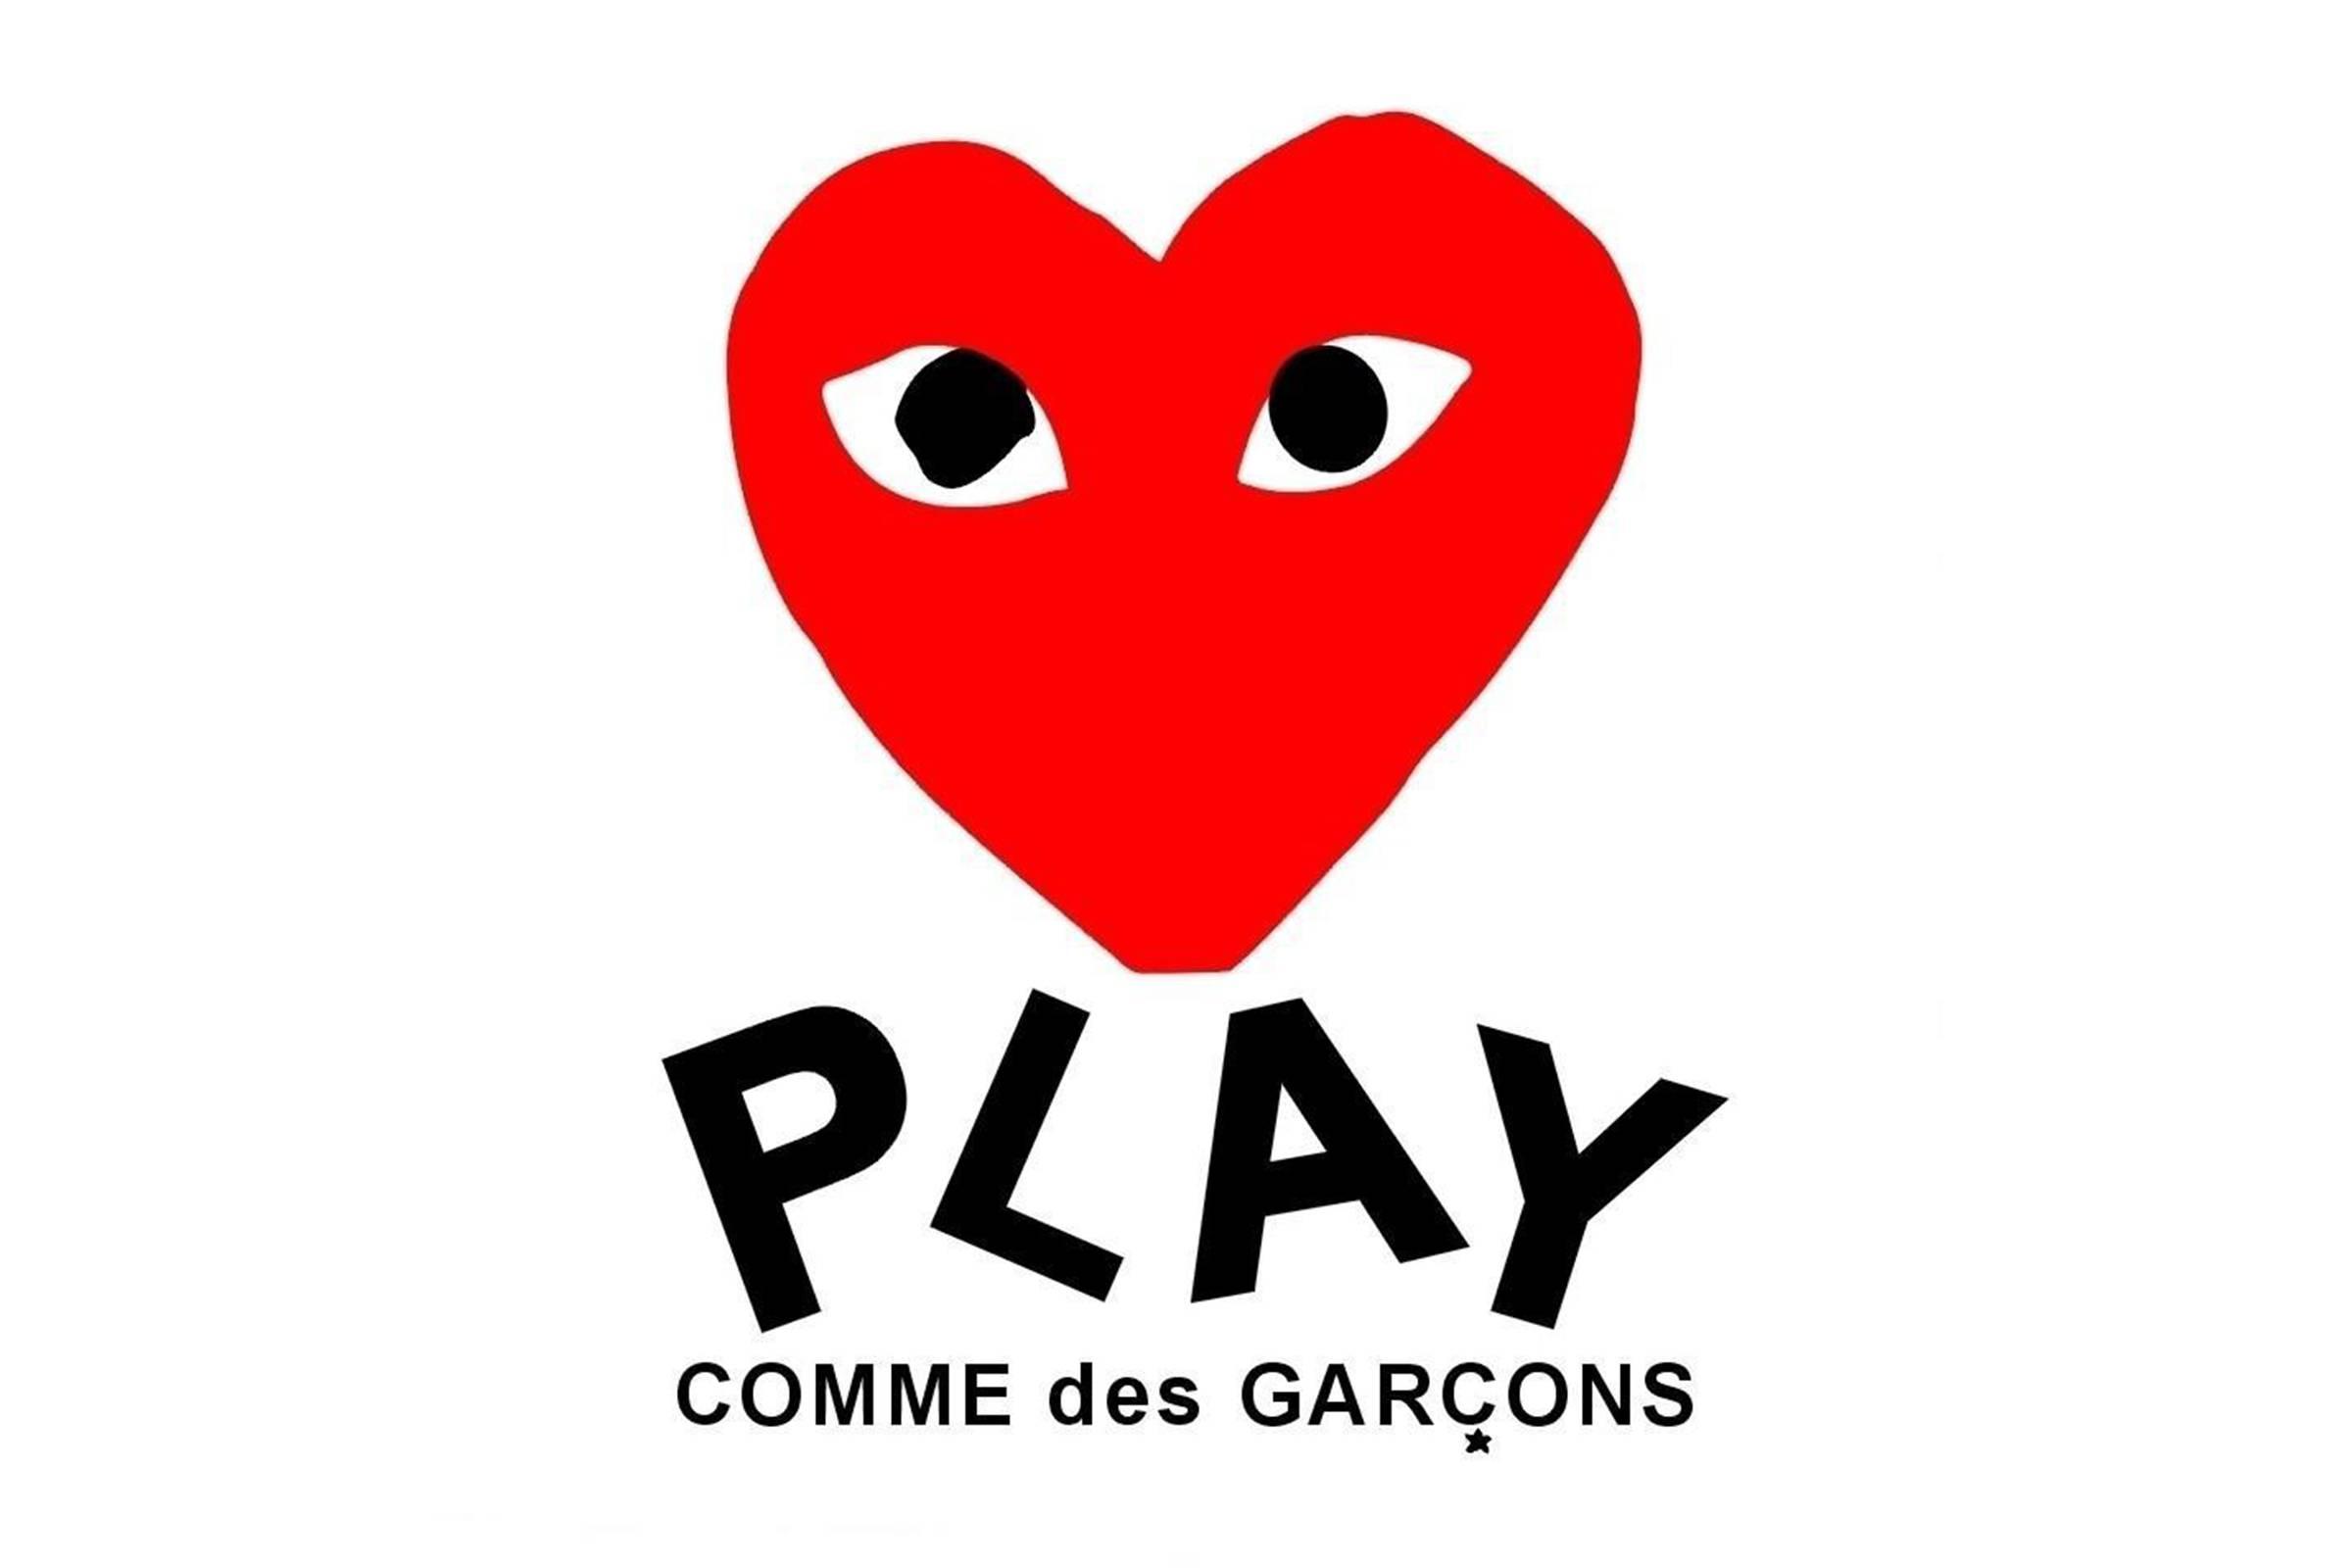 PLAY Comme des Garçons